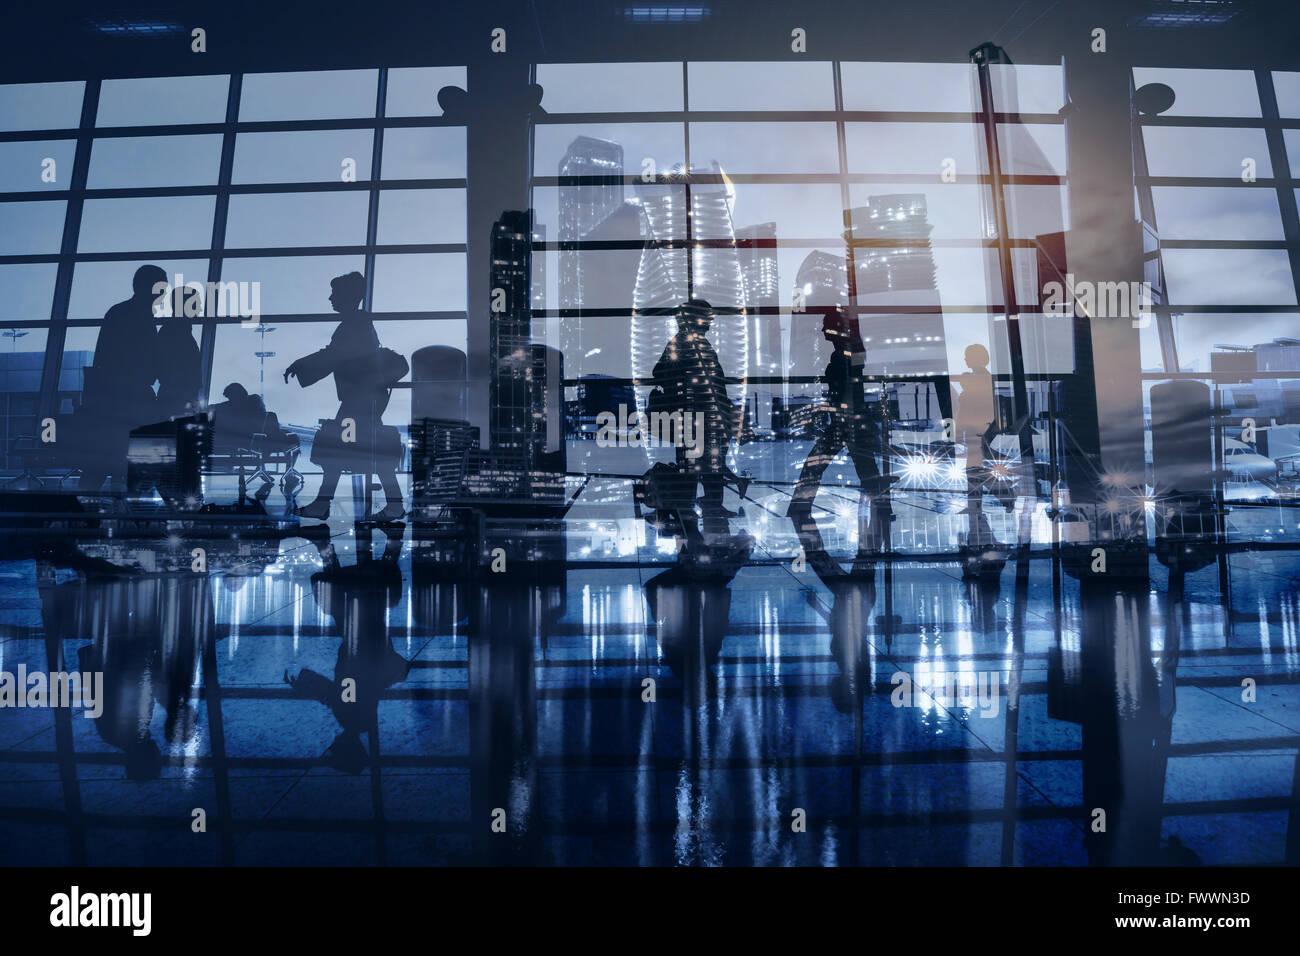 Business gente caminando en la ciudad moderna, urbana de fondo azul abstracto, viajeros, hermosa exposición Imagen De Stock